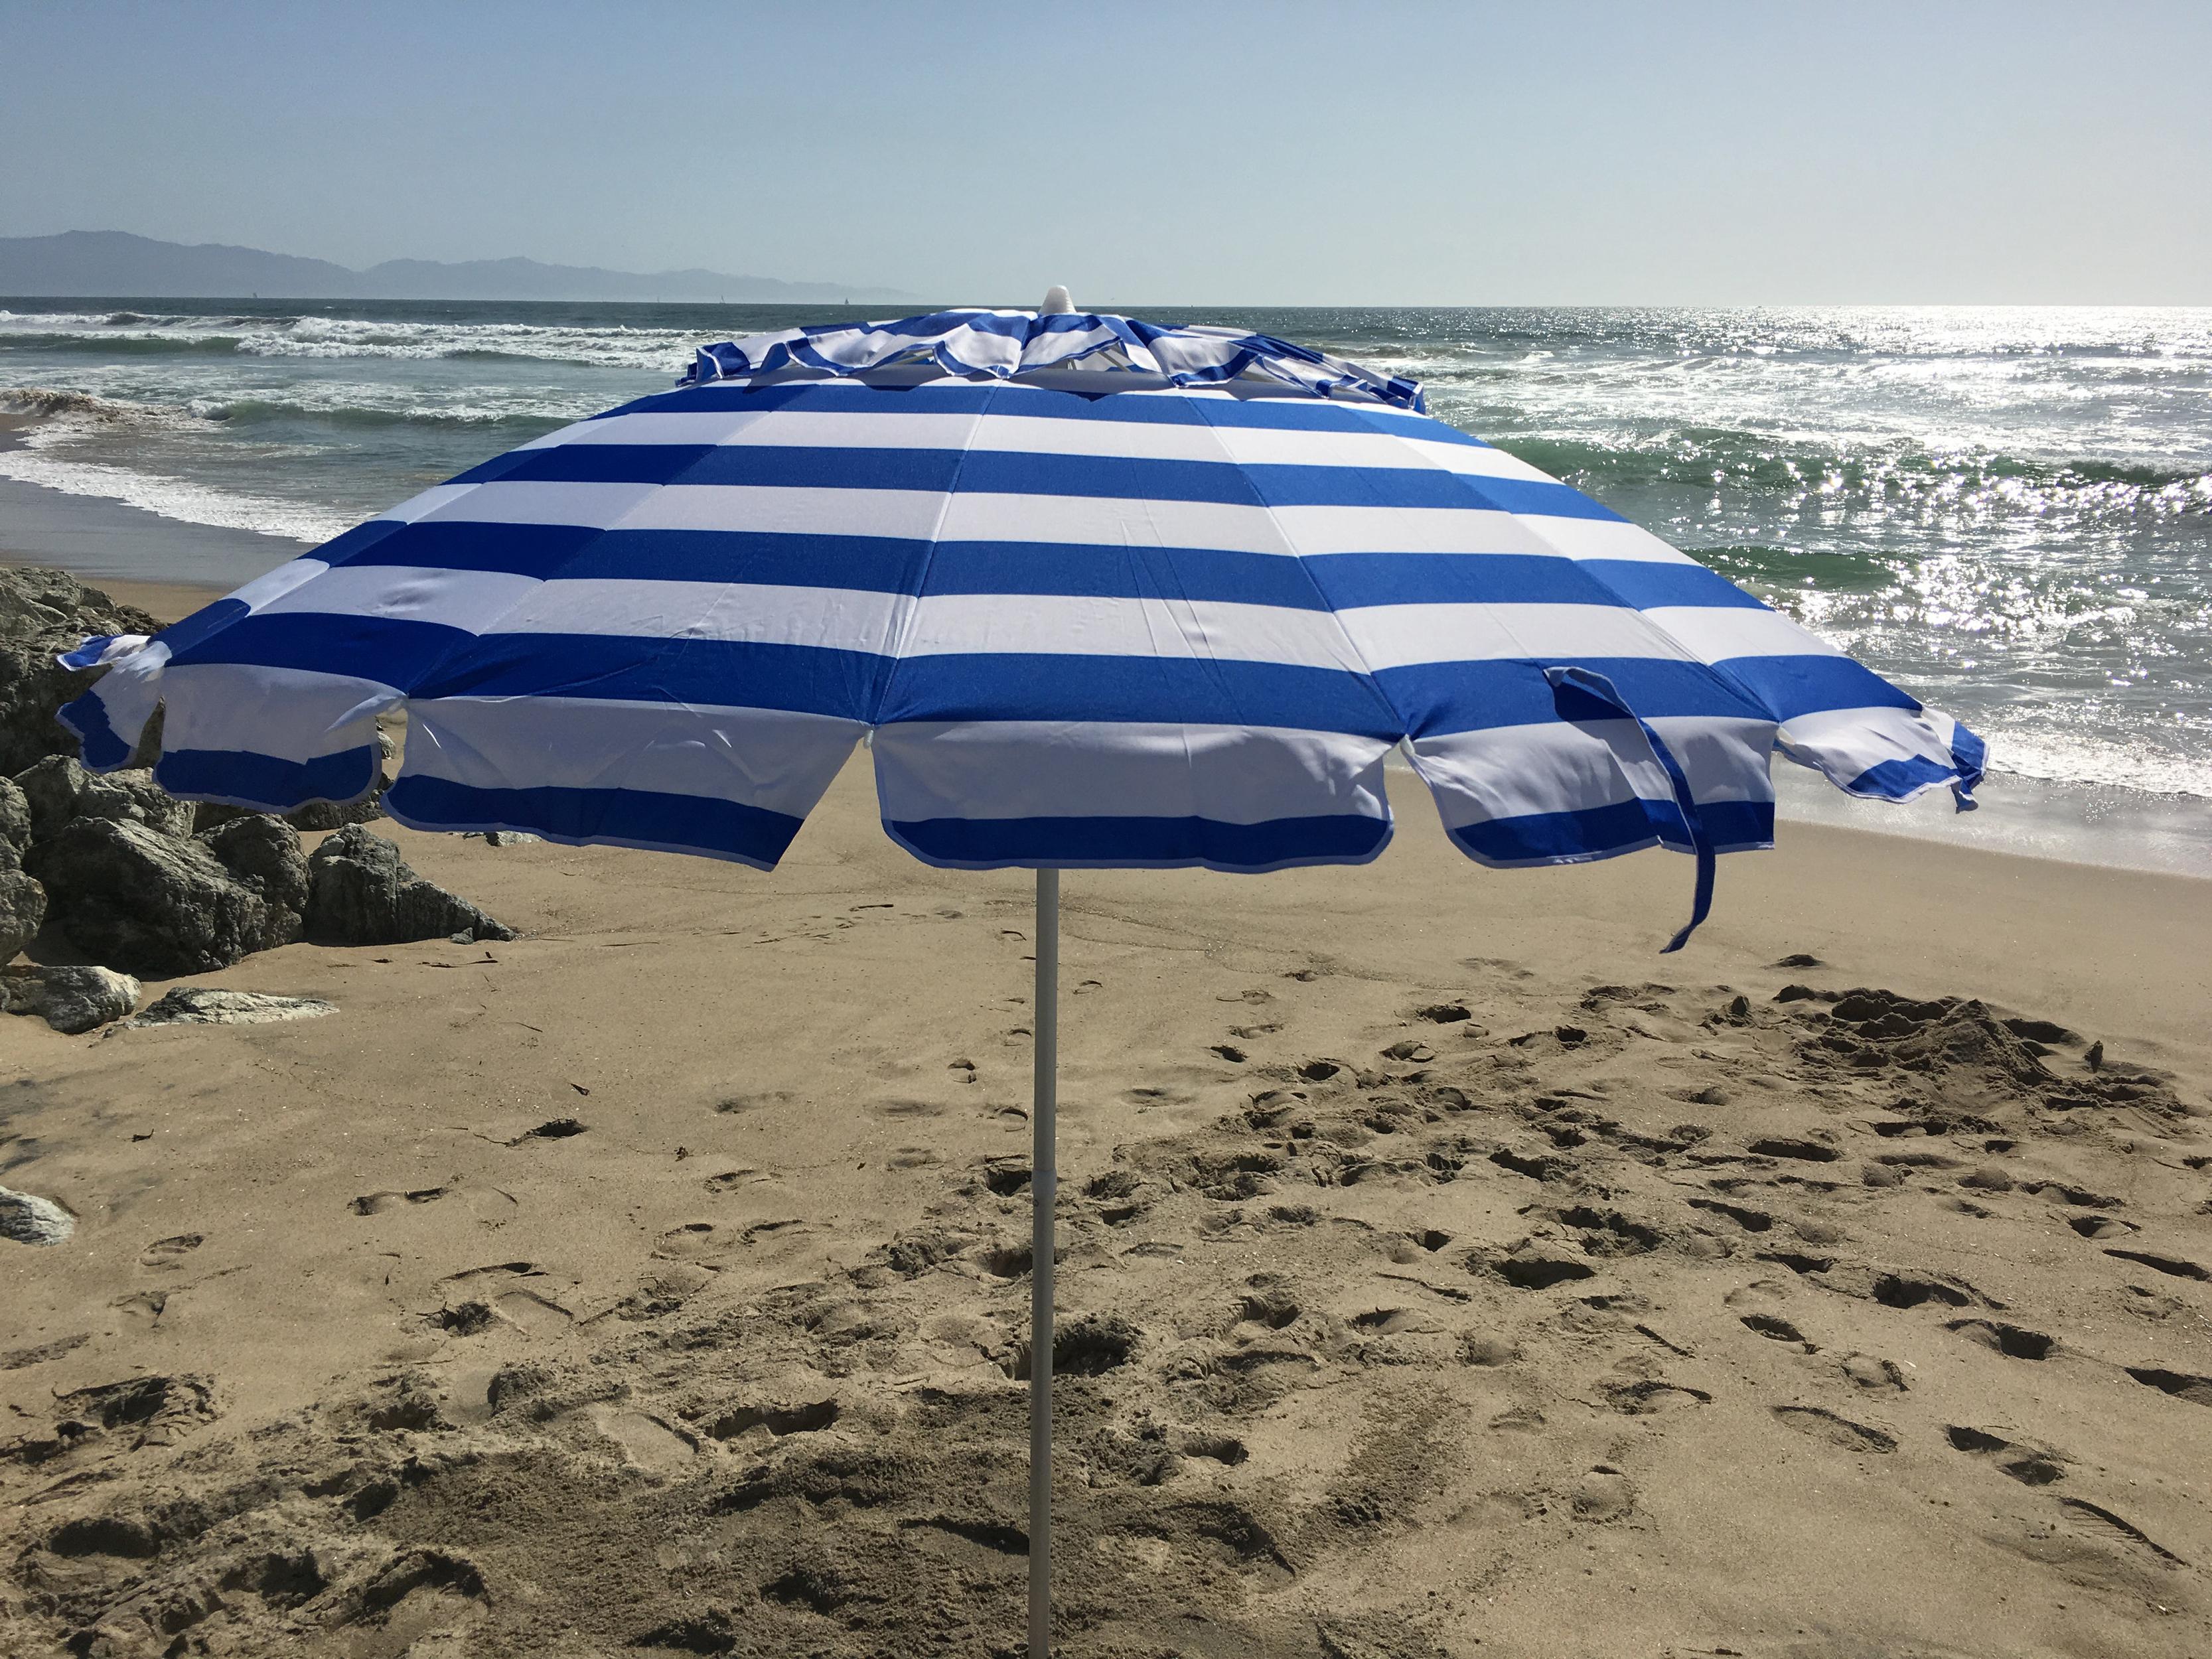 Schroeder Heavy Duty Beach Umbrellas Within Most Popular 8' Beach Umbrella (View 19 of 20)